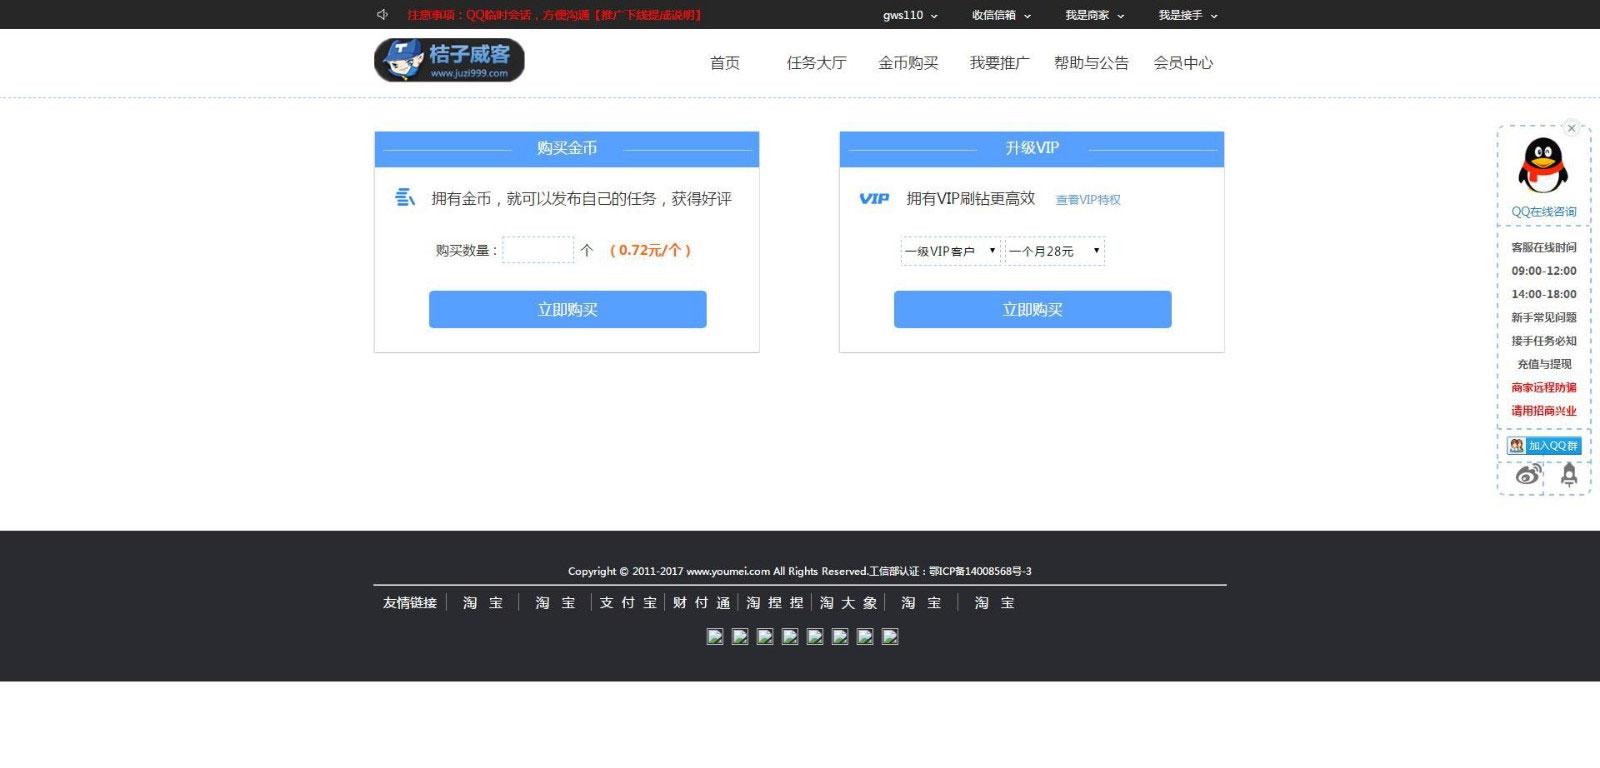 桔子刷单平台网站源码 PHP网站源码